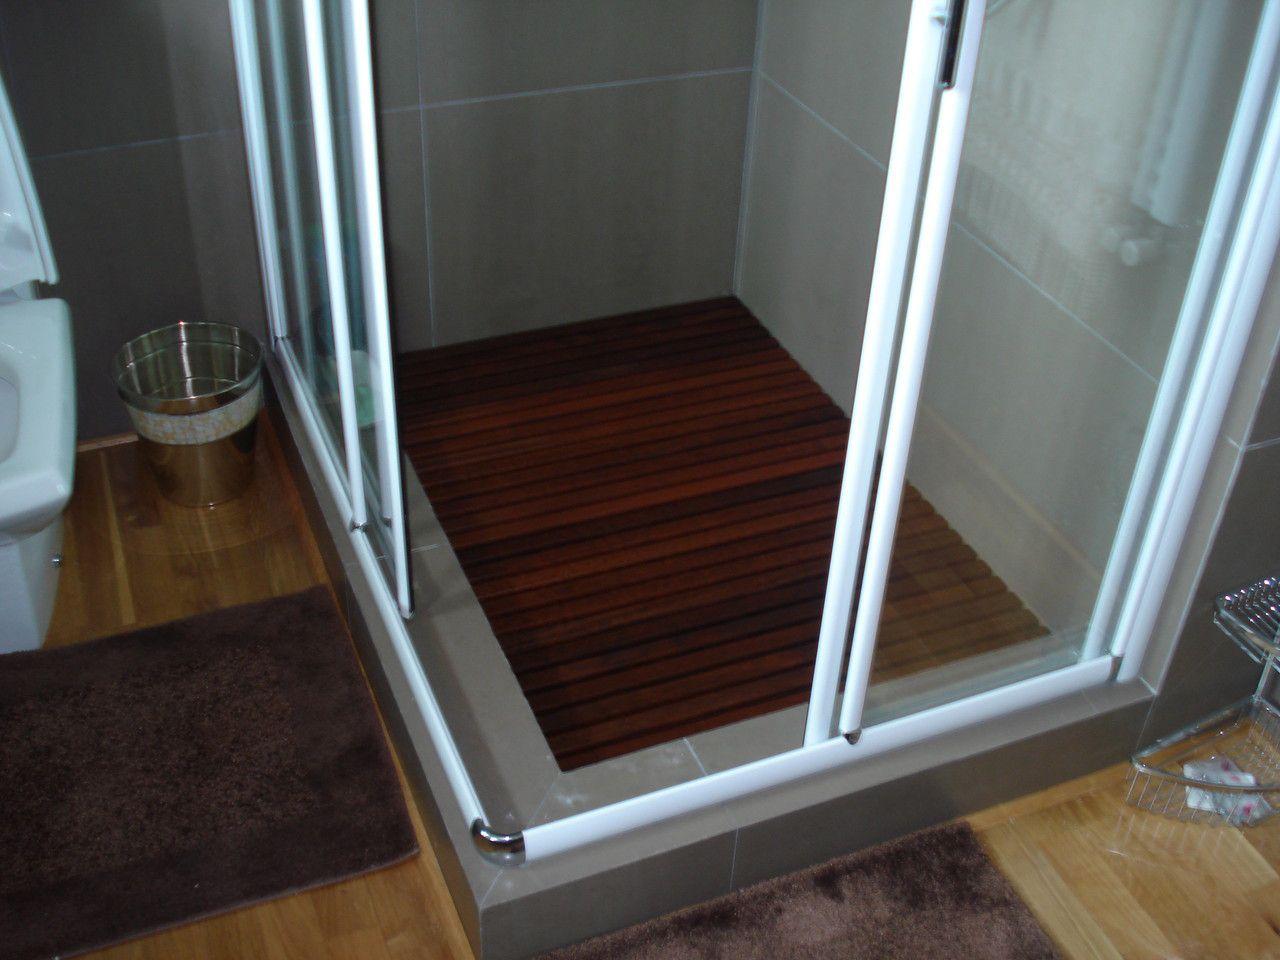 Deck De Madeira Chuveiro Box Banheiro Capacho 92x70 cm Verniz